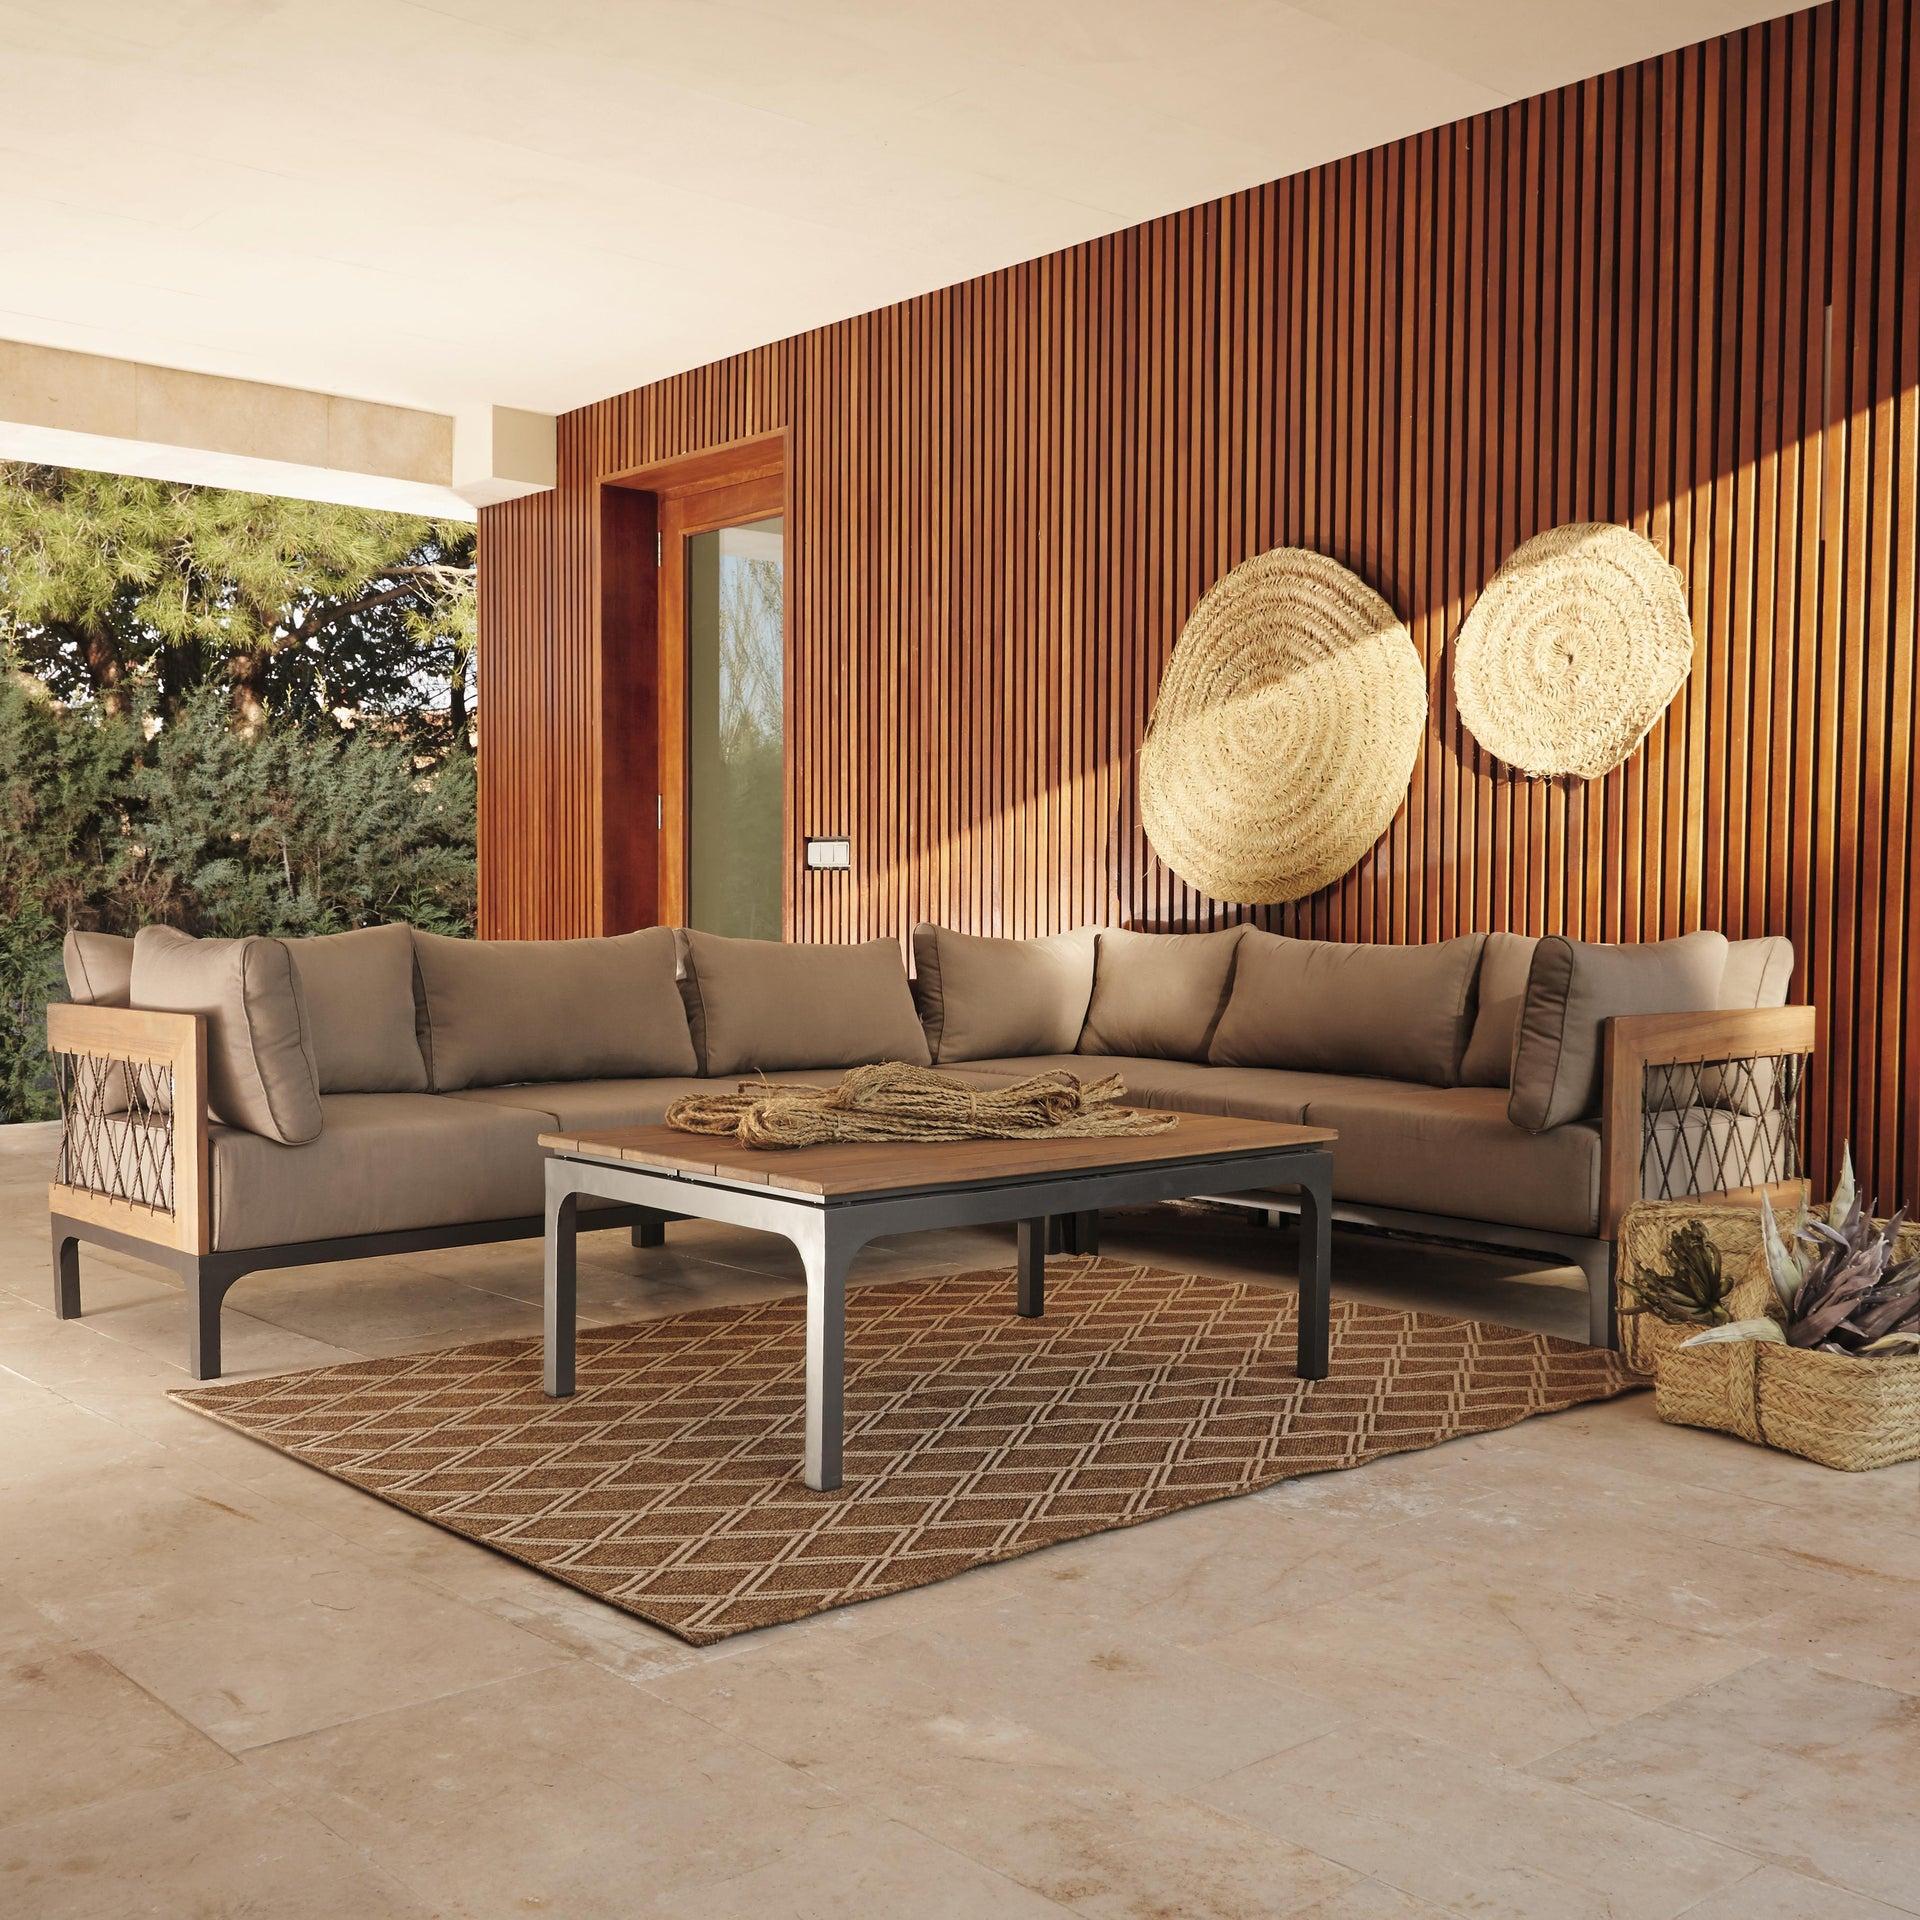 Divano da giardino con cuscino 2 posti in alluminio Peloponeso colore marrone e grigio - 4